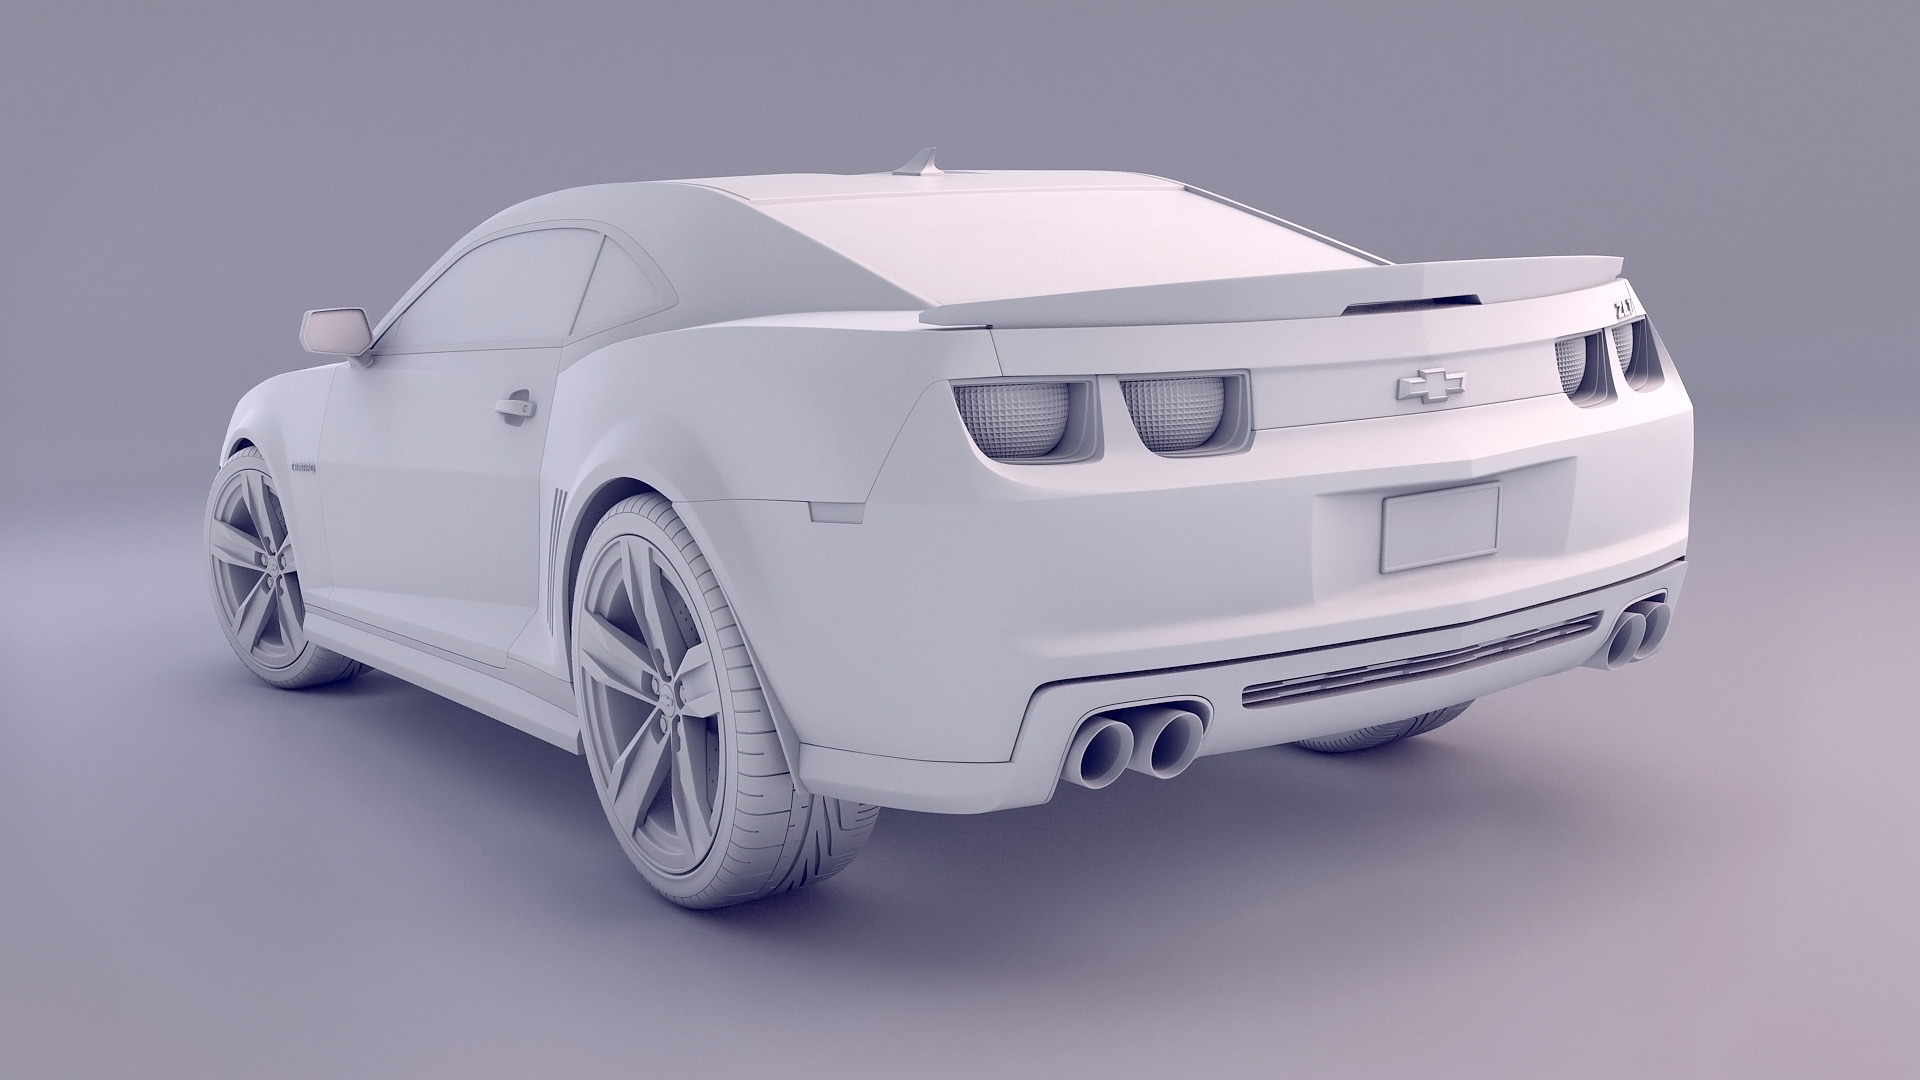 Blender - Camaro white